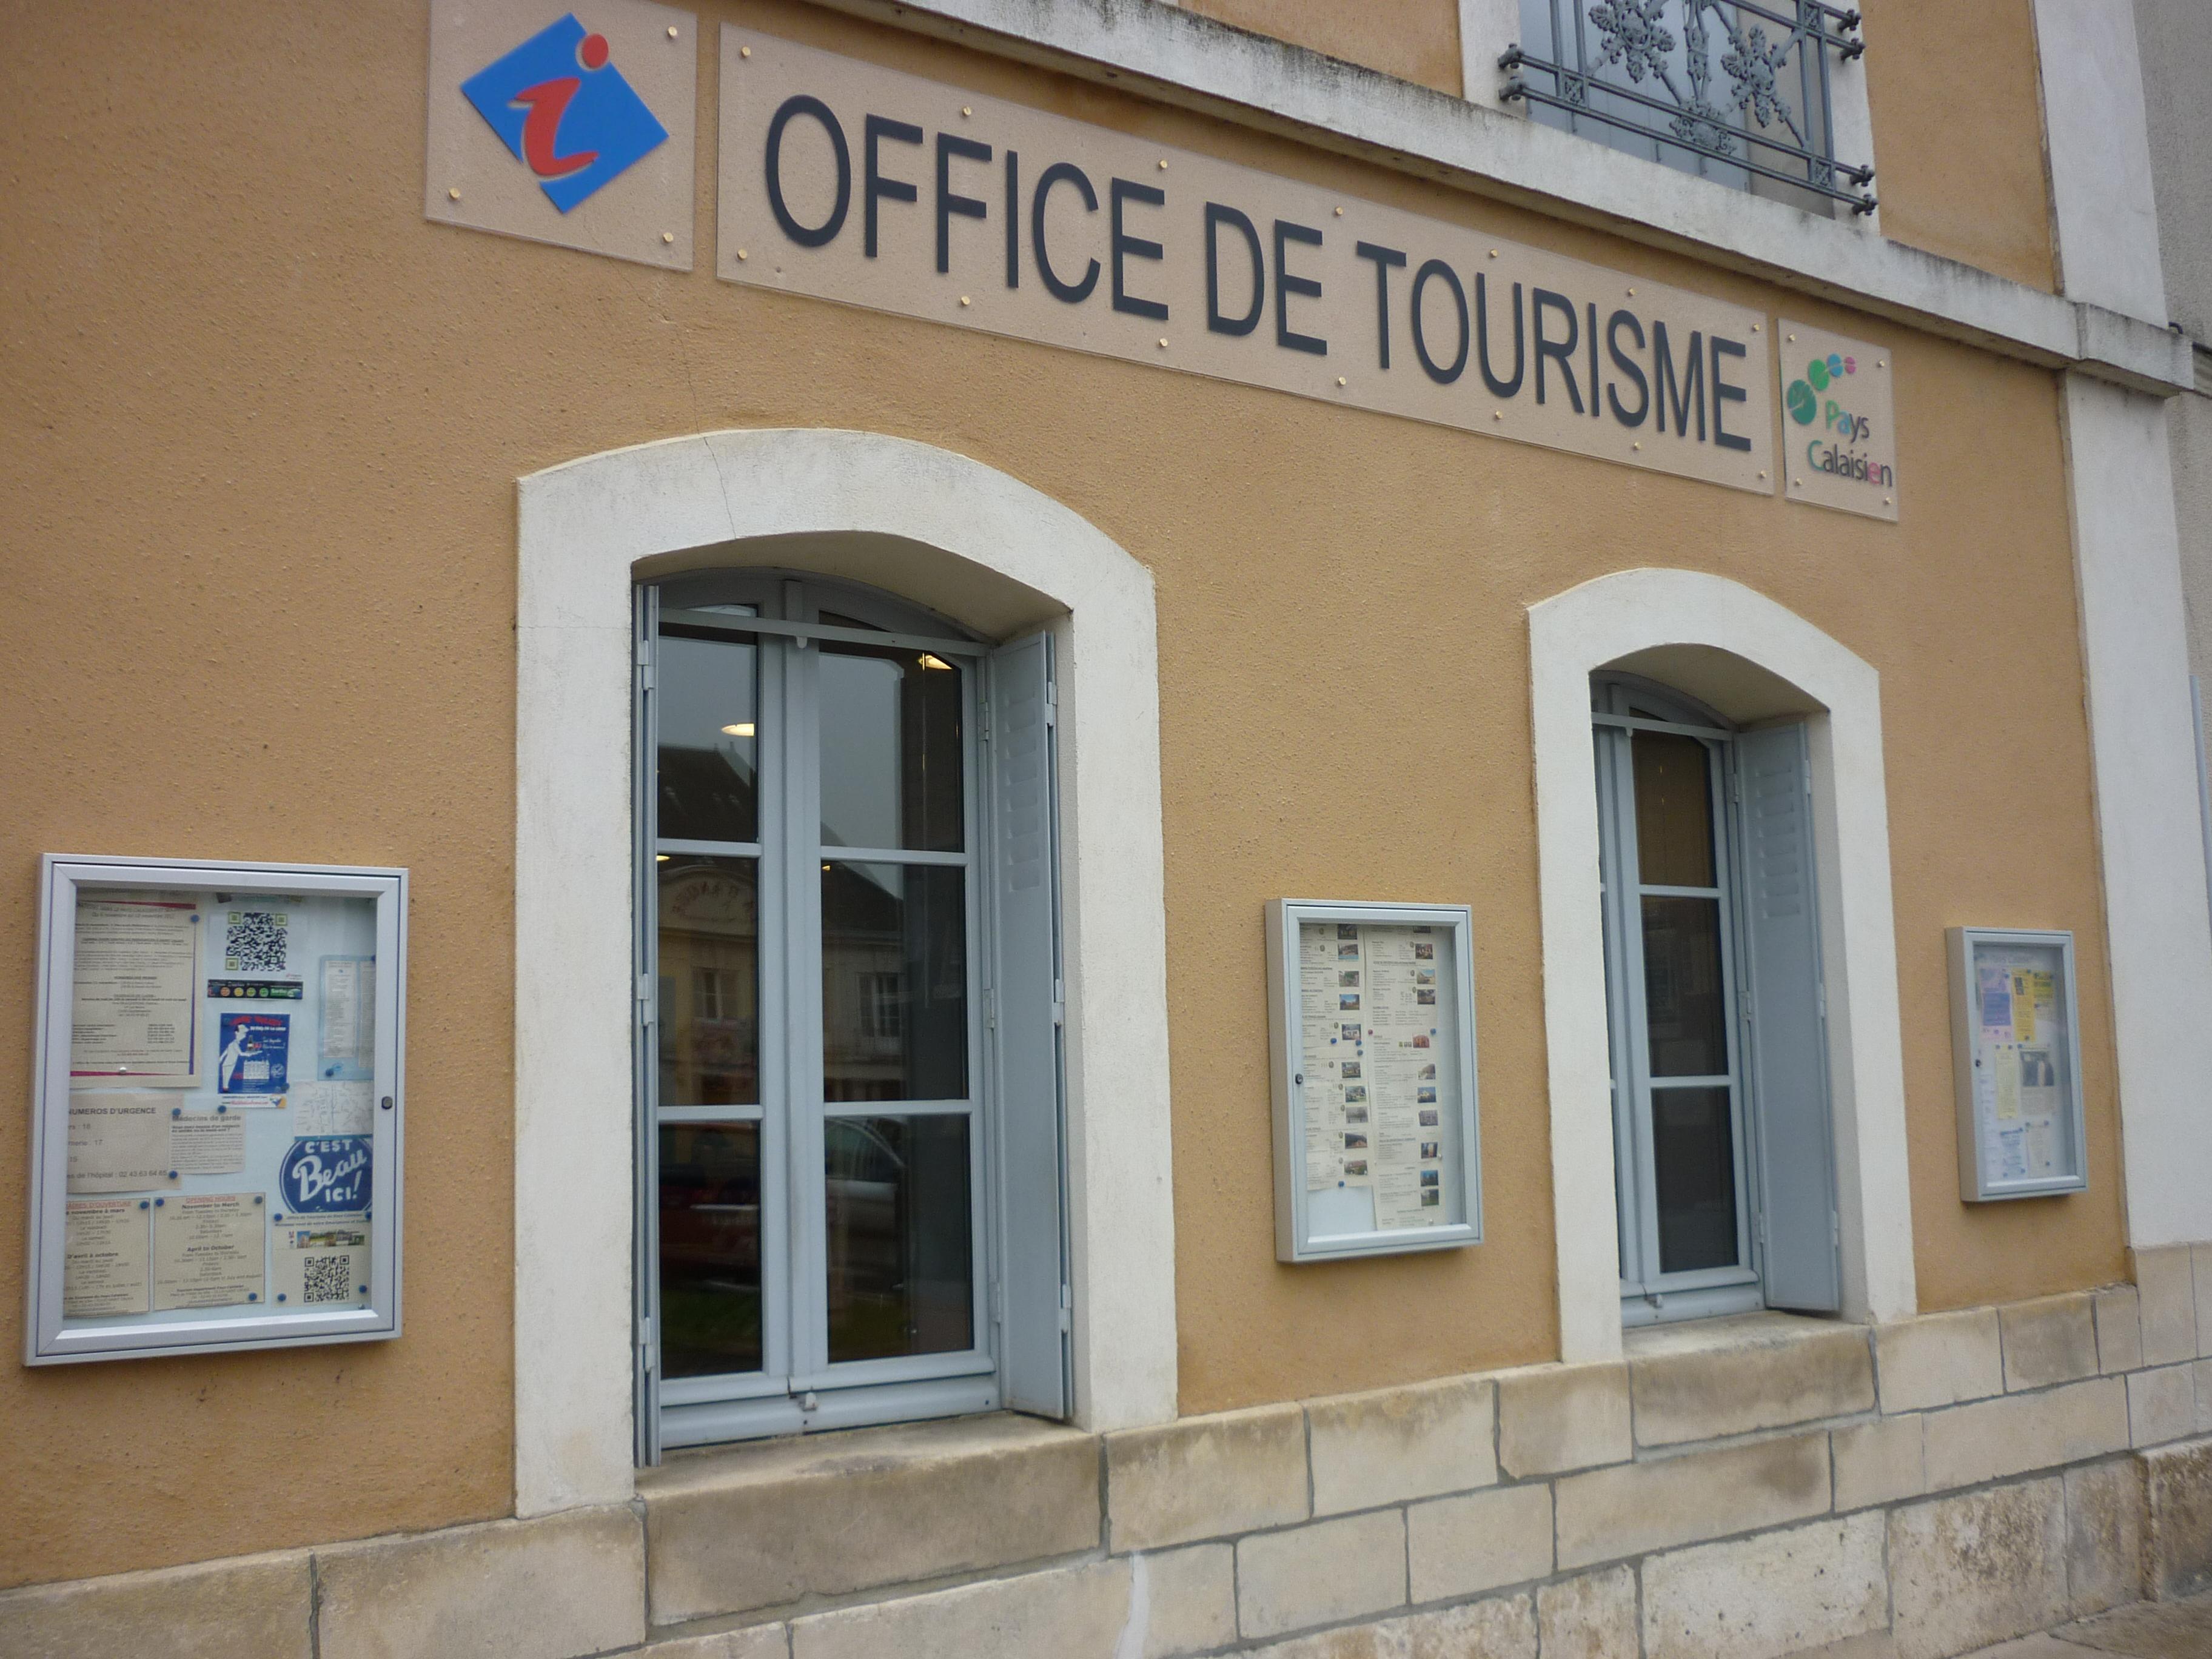 Office de tourisme saint calais - Canada office de tourisme ...